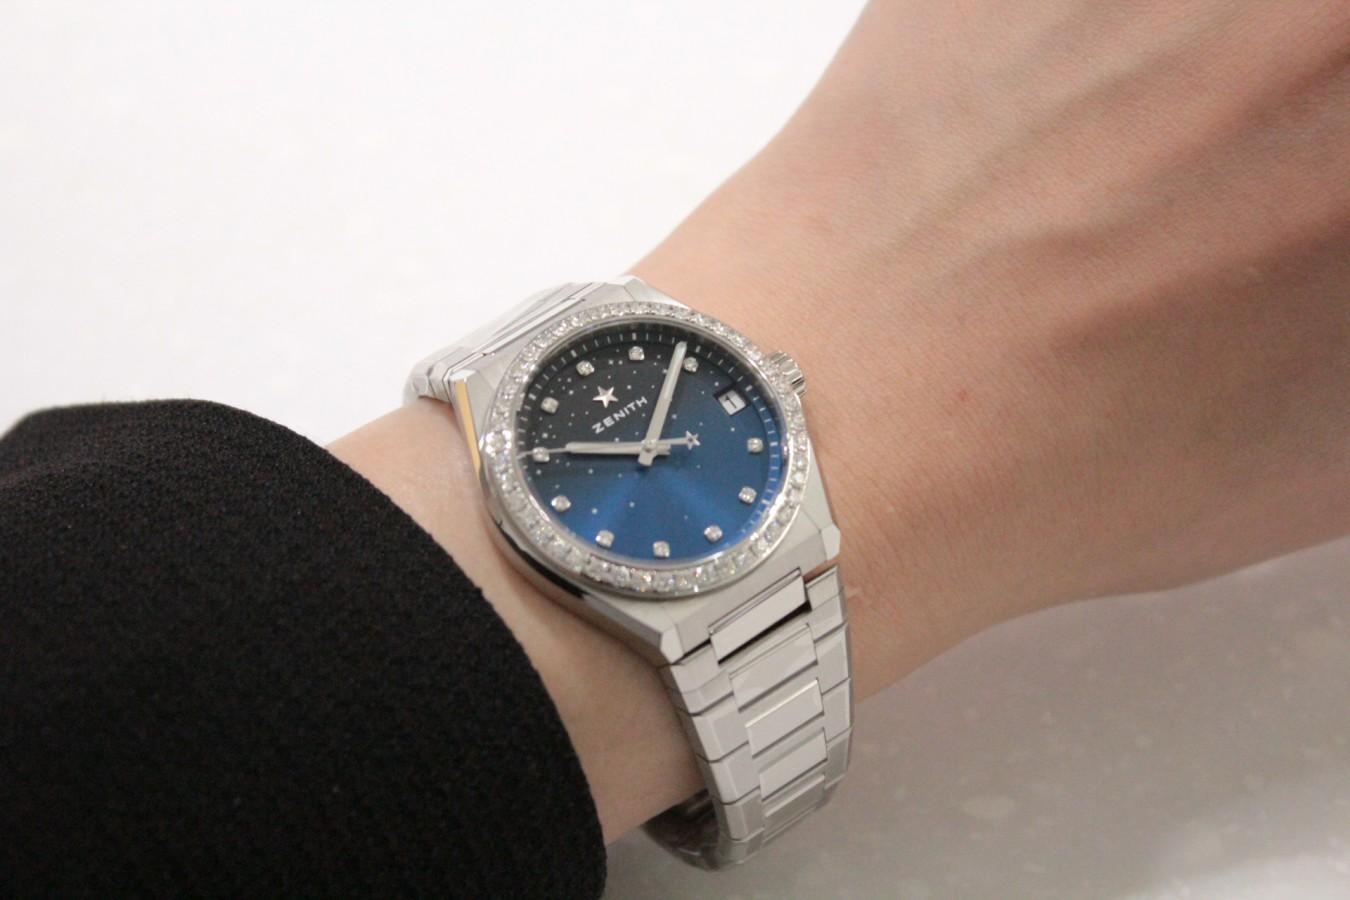 IMG_5144 新作「デファイ ミッドナイト」からダイヤモンドをあしらった綺麗なモデルが入荷しました! - DEFY